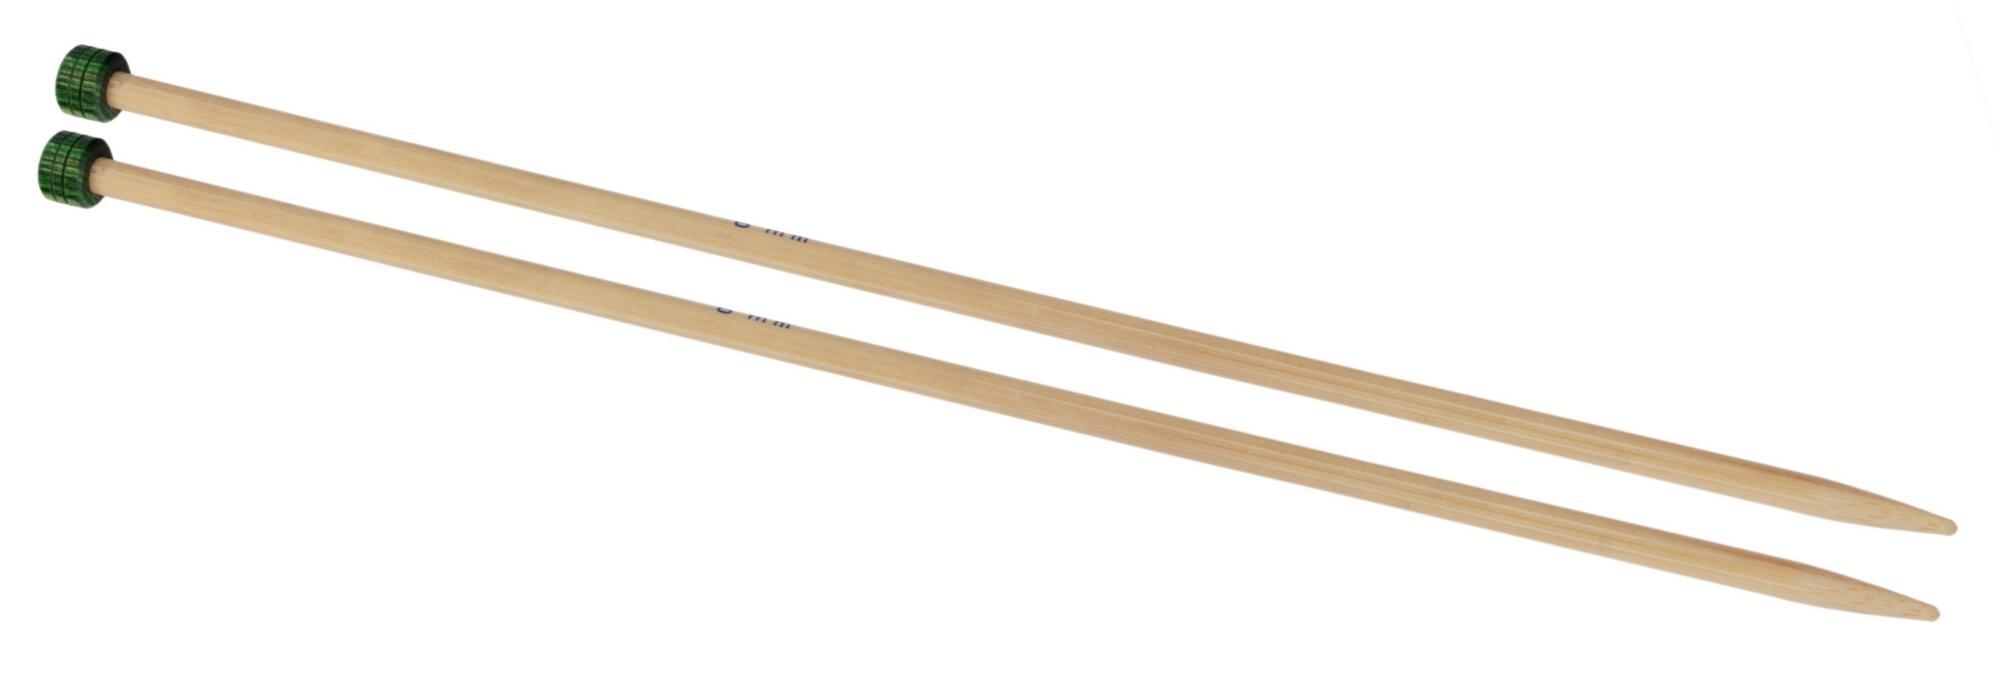 Спицы прямые 33 см Bamboo KnitPro, 22361, 6.00 мм